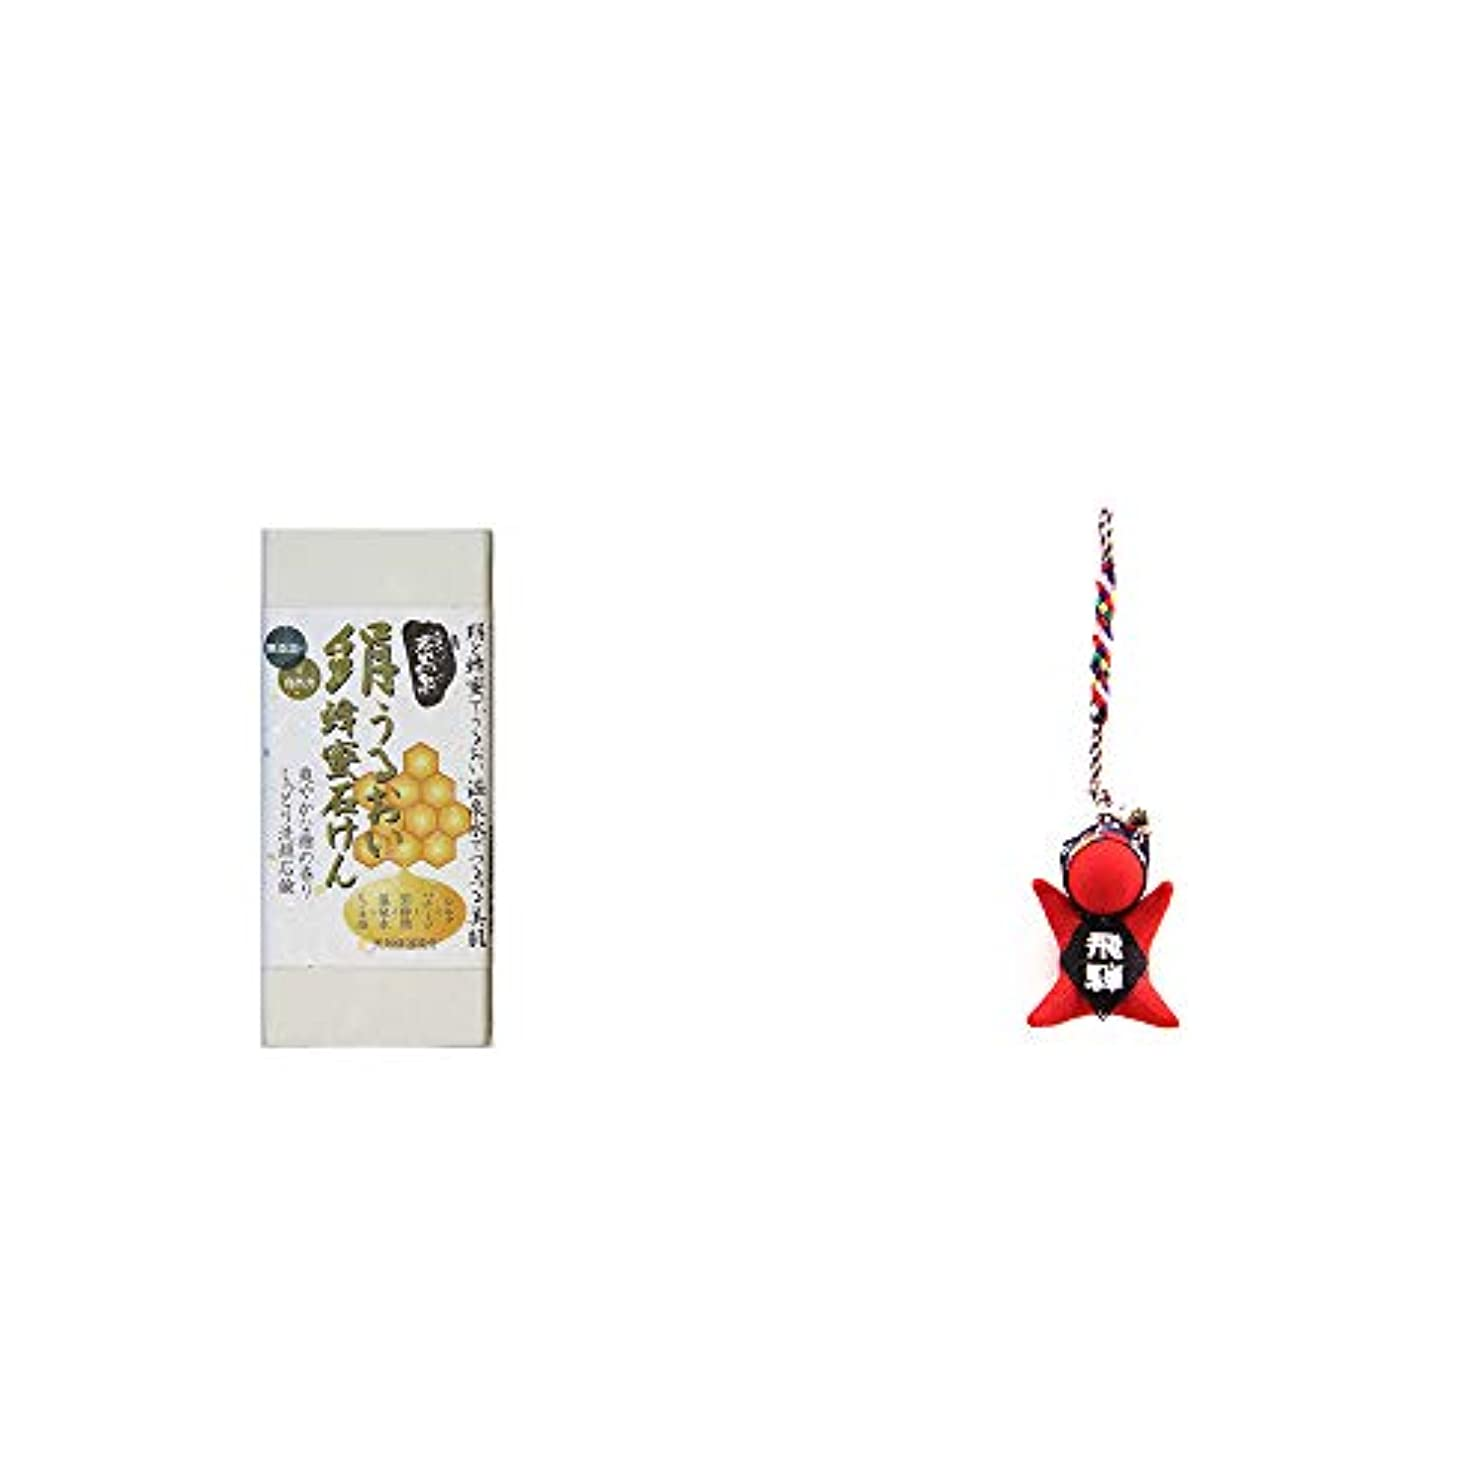 記録ブースト有料[2点セット] ひのき炭黒泉 絹うるおい蜂蜜石けん(75g×2)?さるぼぼ根付 【赤】/ ストラップ 縁結び?魔除け //